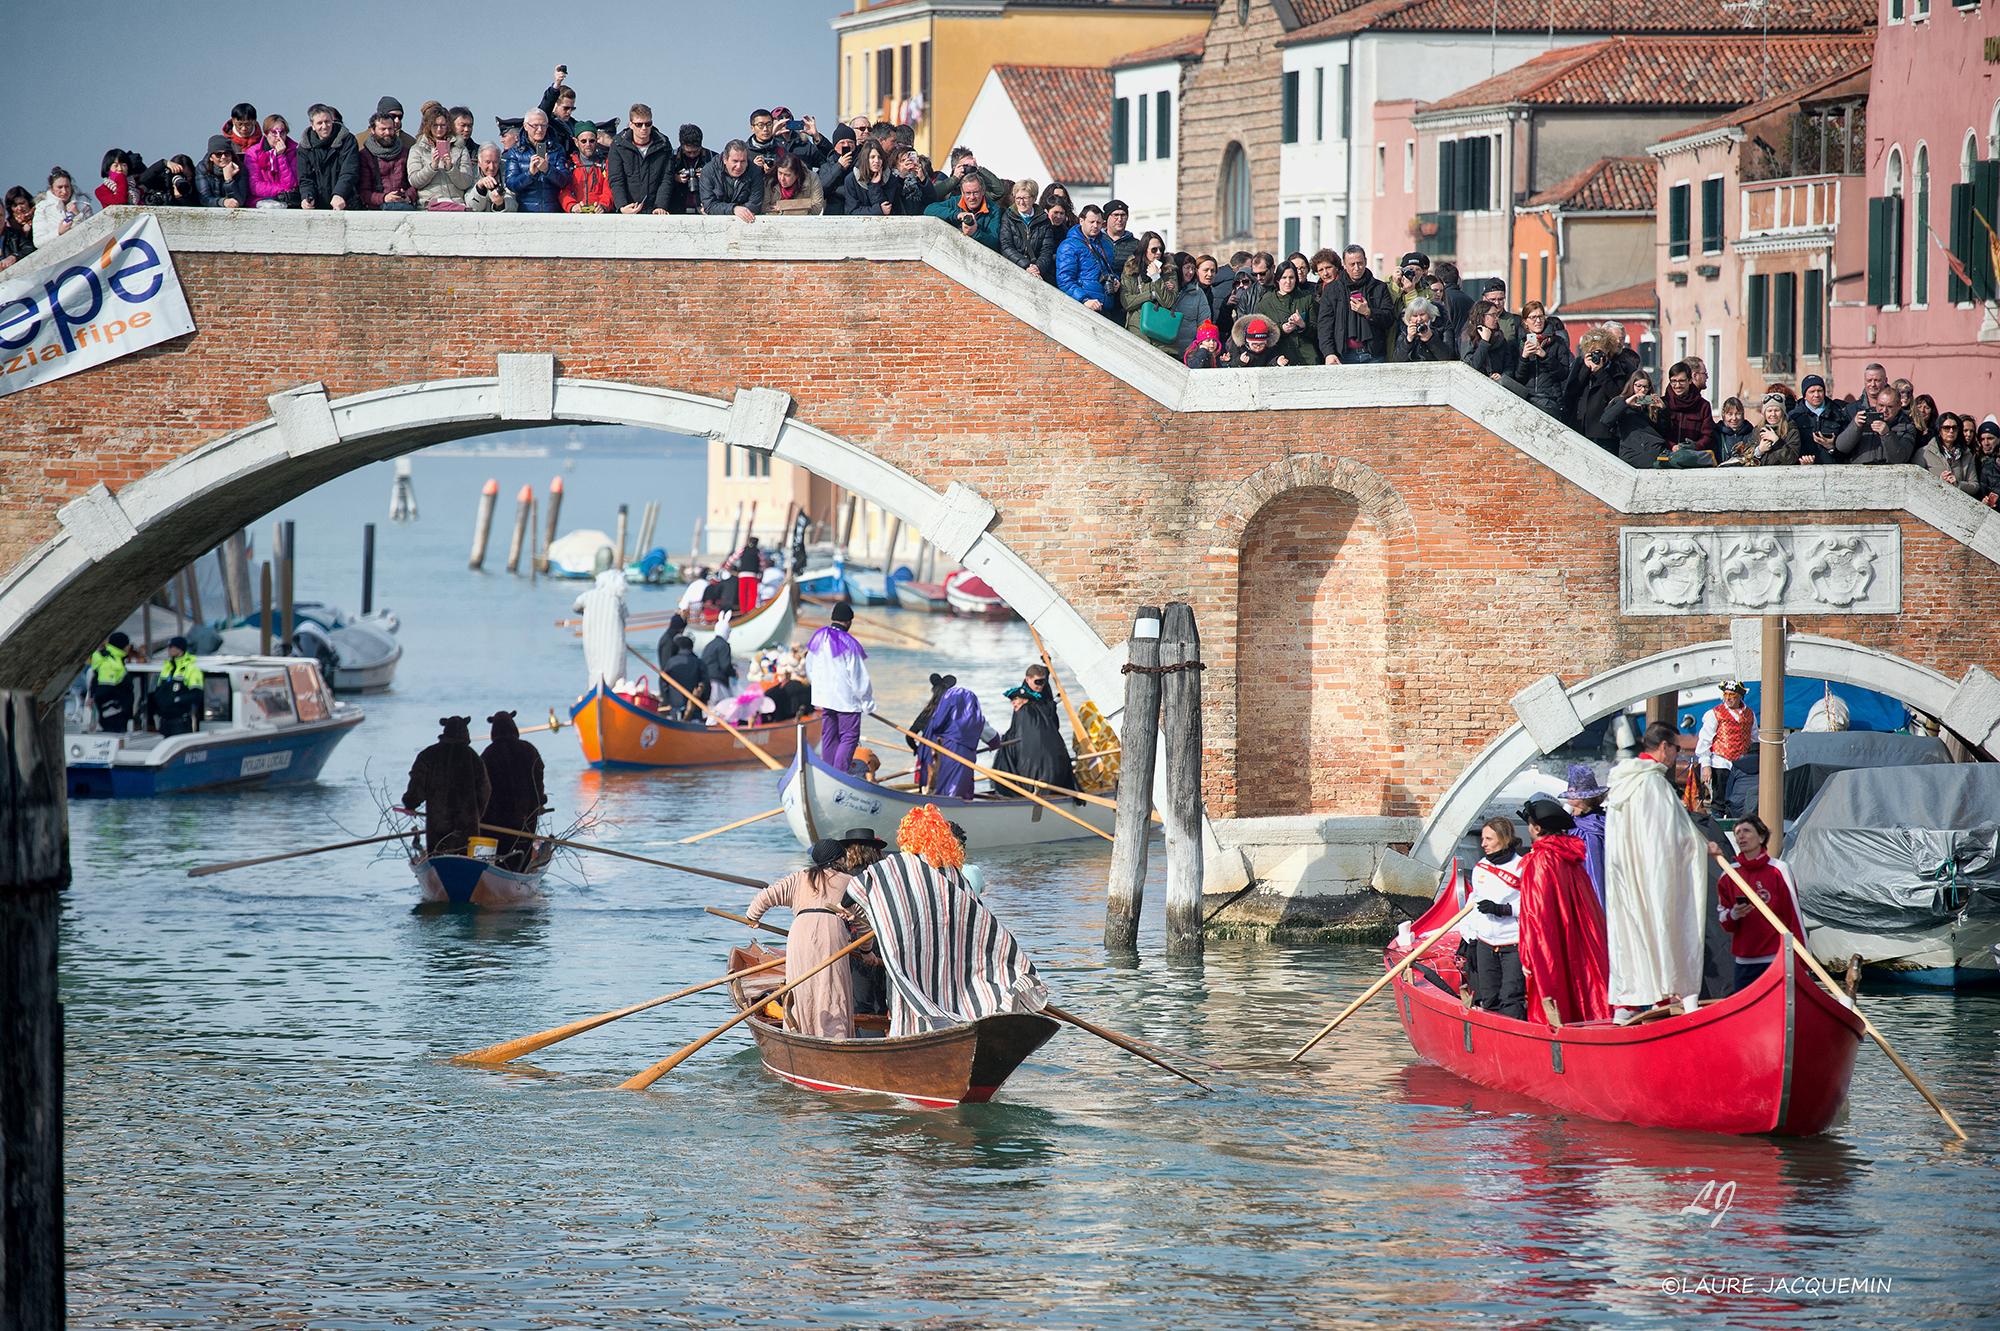 Meilleur photos Carnaval de Venise 2018 laure jacquemin (89)